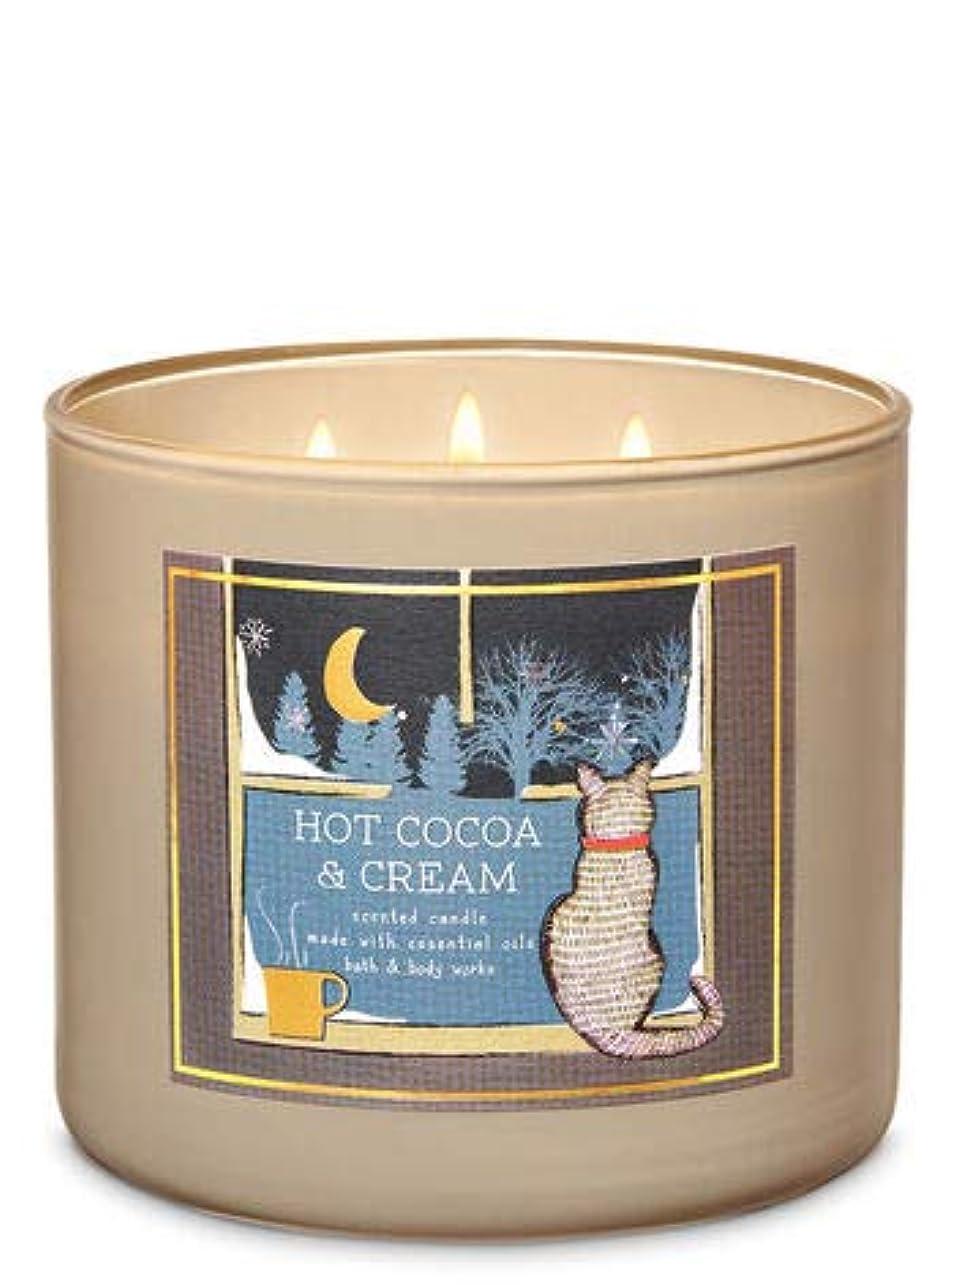 不潔ボスシャイ【Bath&Body Works/バス&ボディワークス】 アロマ キャンドル ホットココア&クリーム 3-Wick Scented Candle Hot Cocoa & Cream 14.5oz/411g [並行輸入品]